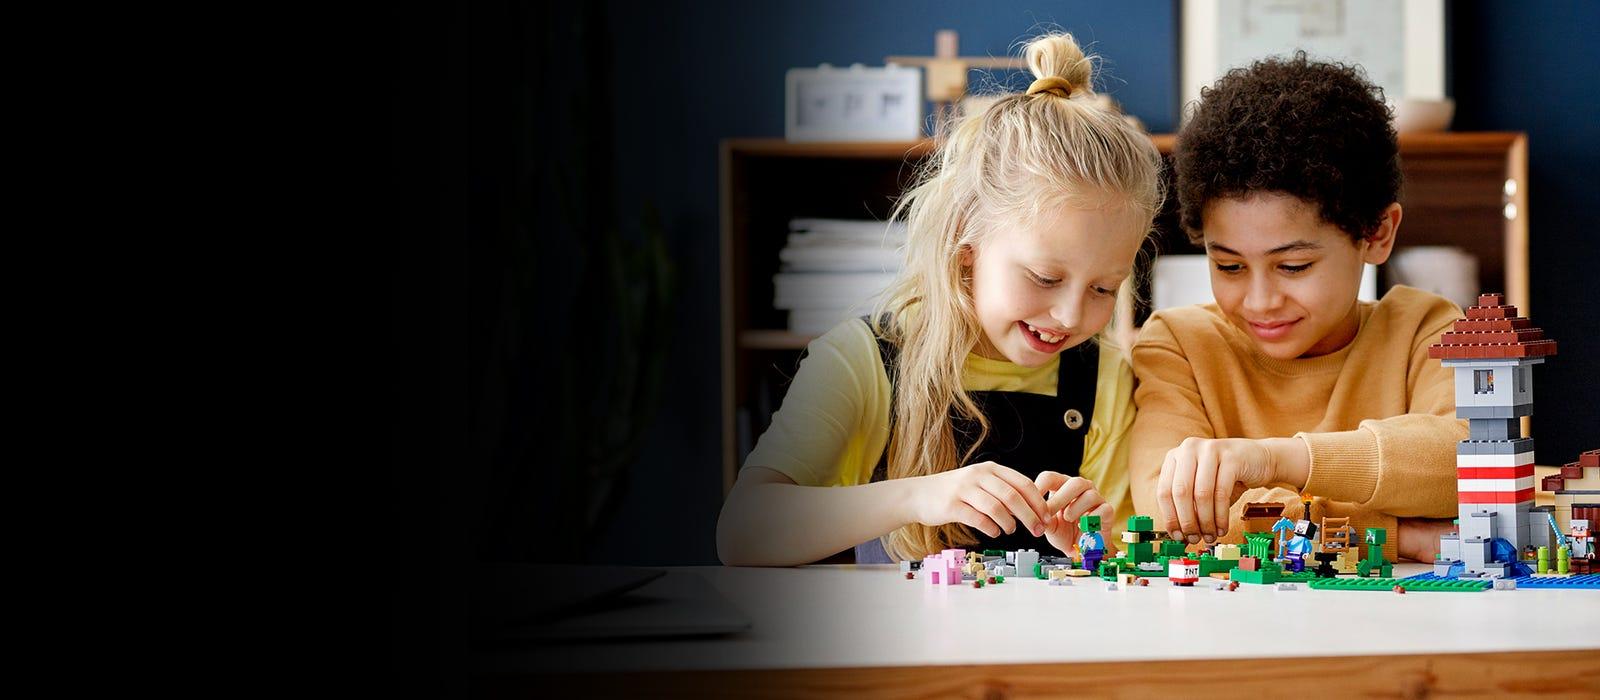 ismerd játékok gyermekek online)